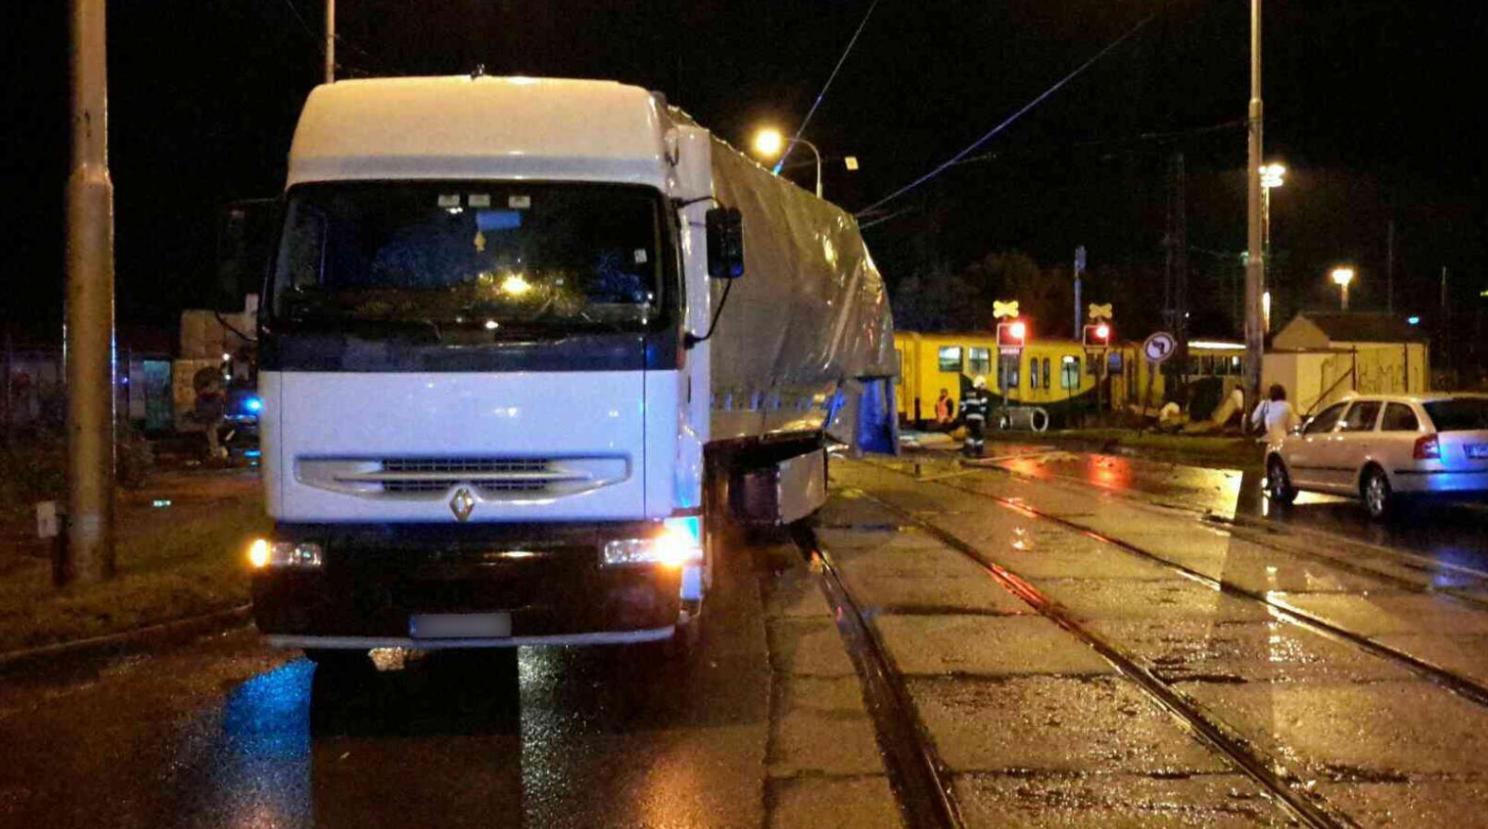 ВЧехии пассажирский поезд сбил грузовой автомобиль напереезде, есть пострадавшие